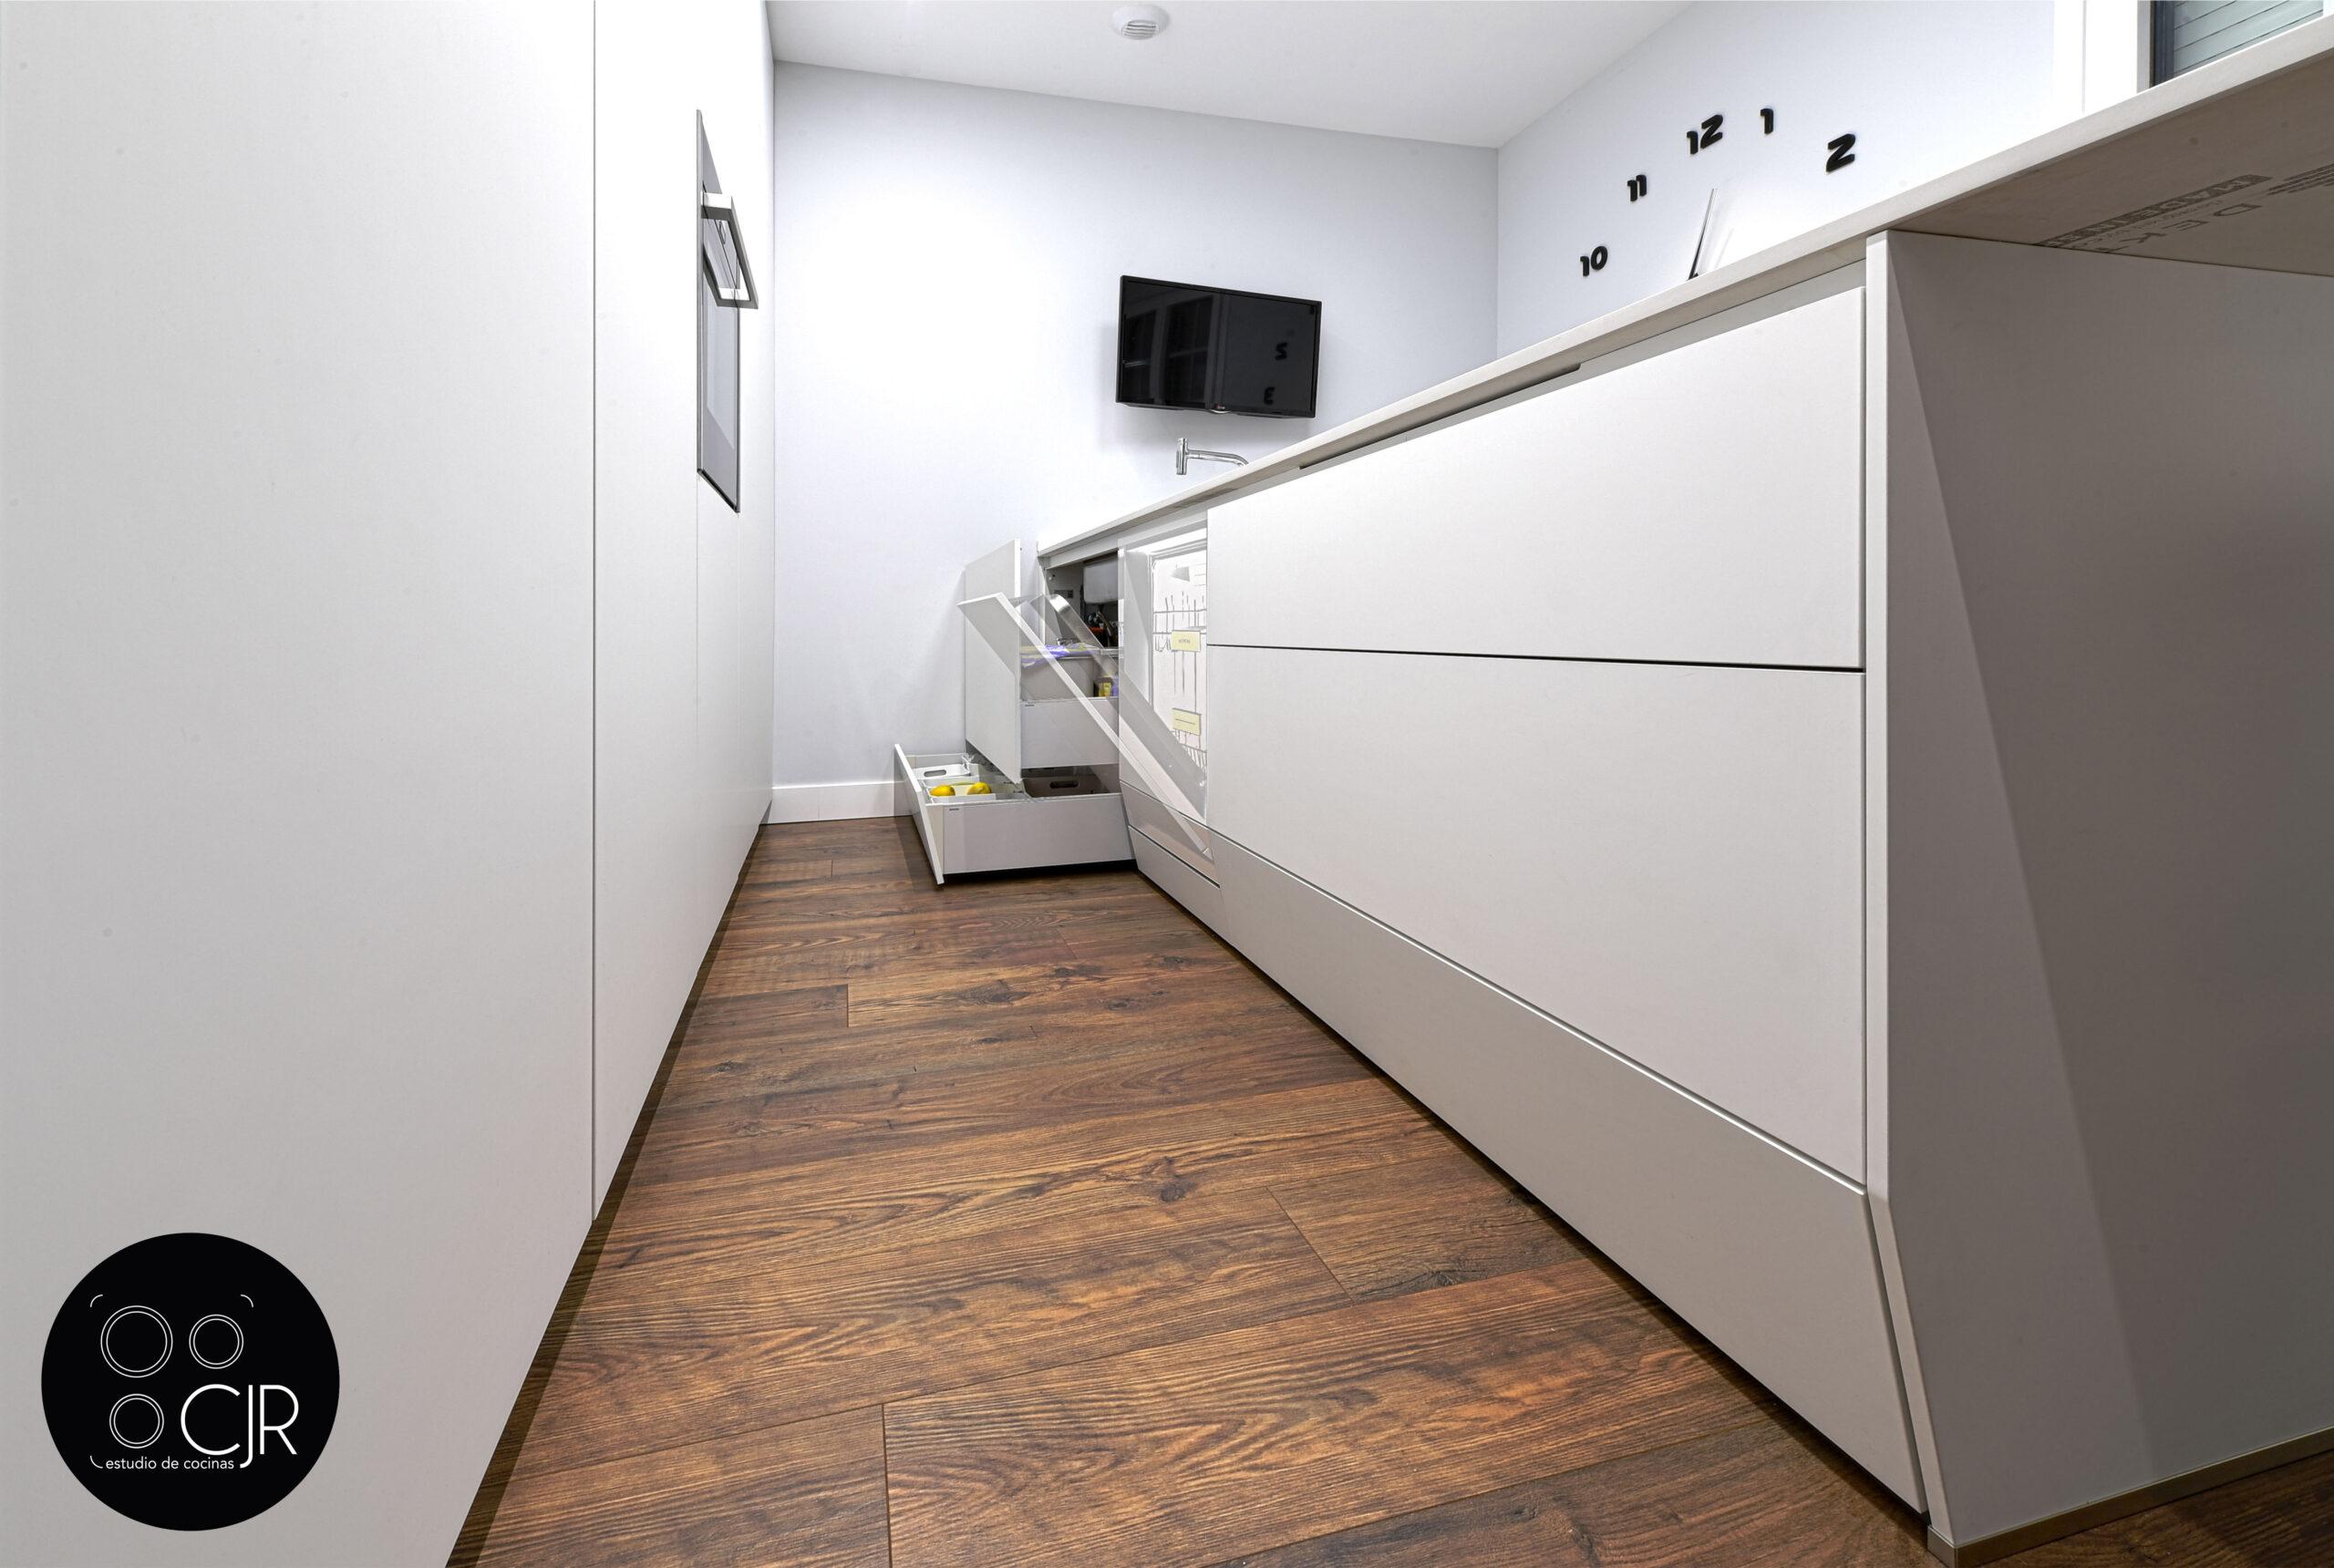 Apertura cajones zócalo en la cocina blanca mate sin tiradores